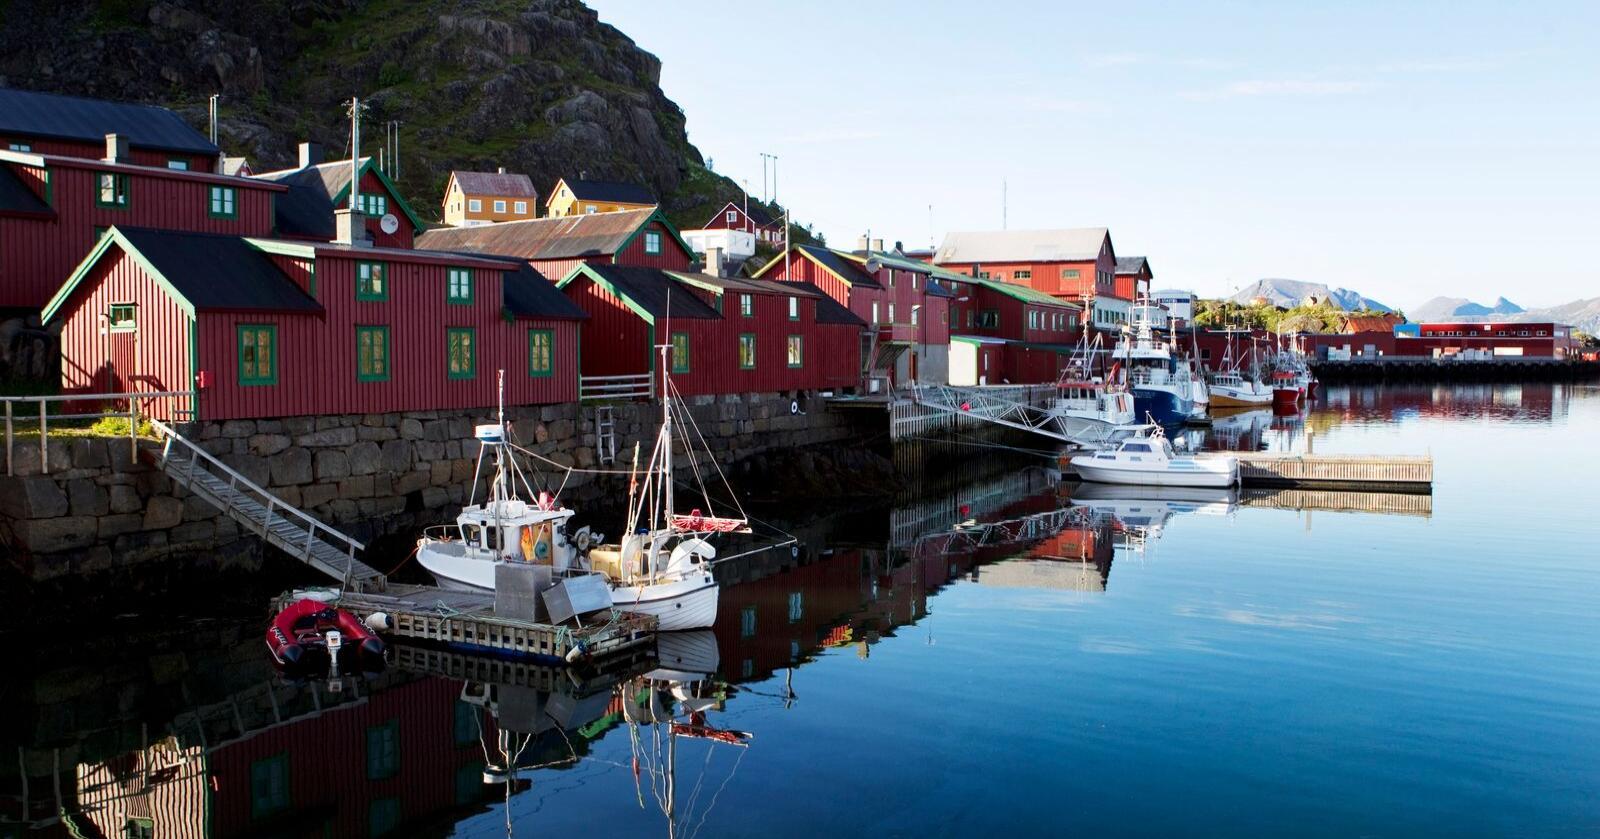 Før korona-krisen hadde Vestvågøy kommune en rivende utvikling i fiskeri- og turistnæringen. Likevel taper kommunen kampen om inntektene. Stamsund på Vestvågøy i Lofoten.  Foto: Håkon Mosvold Larsen / NTB